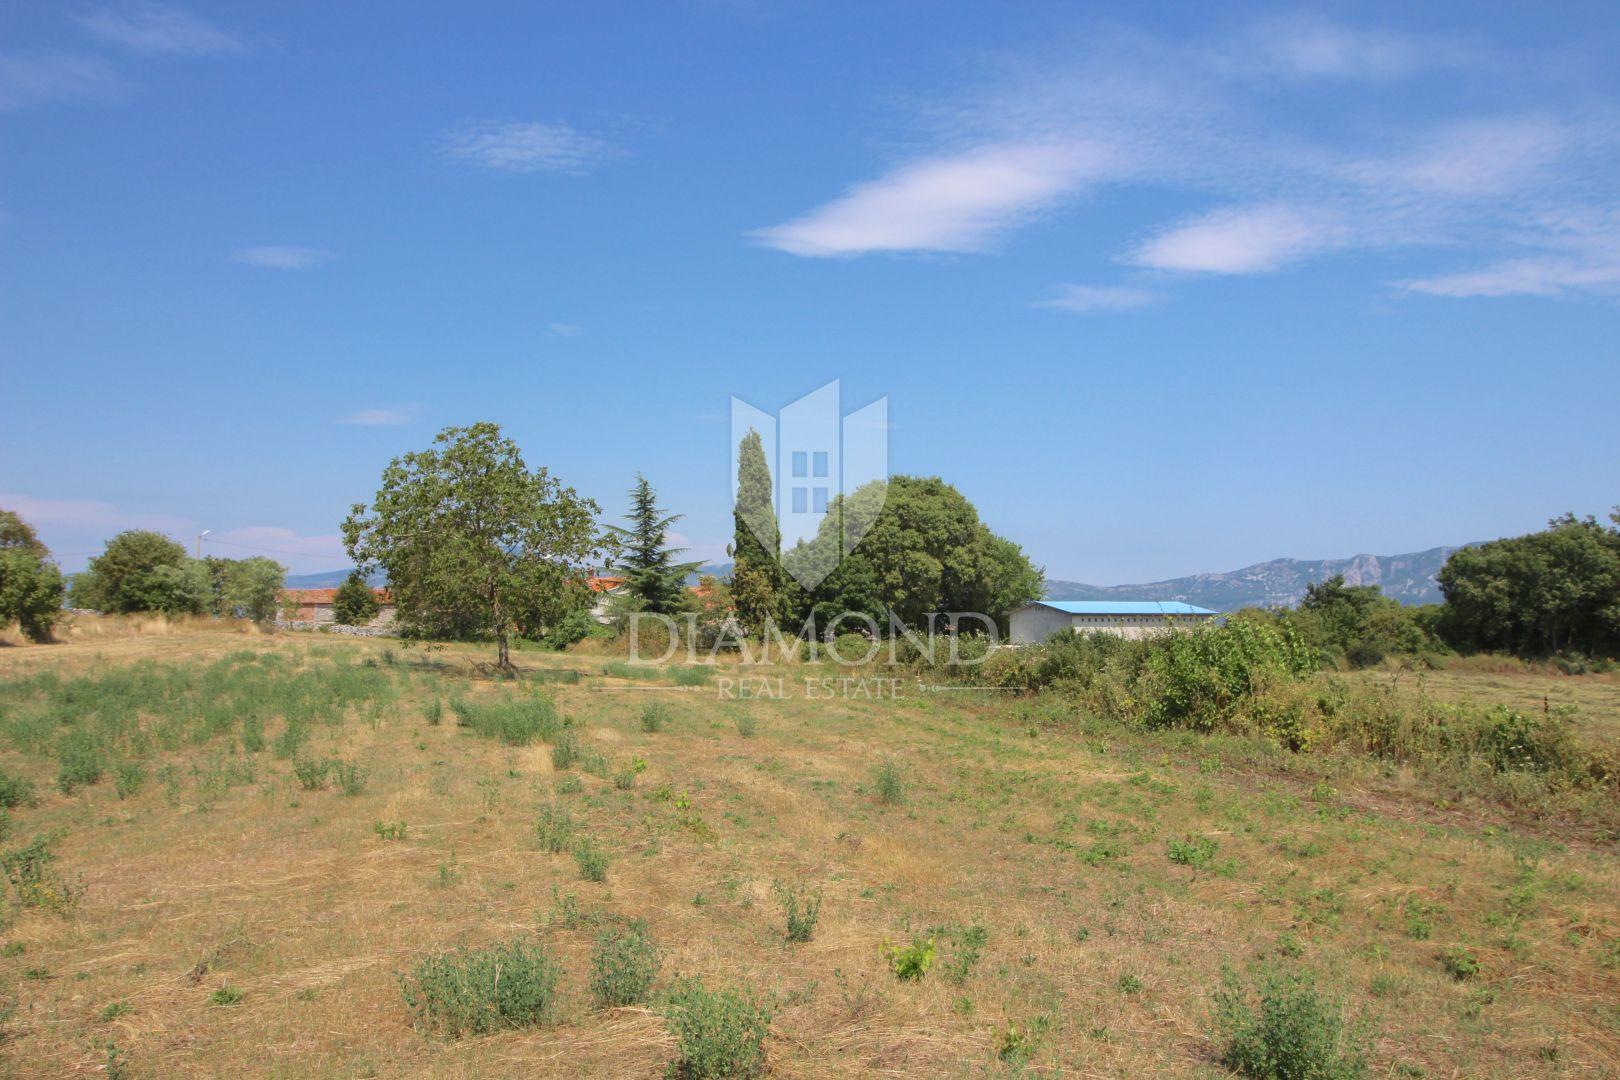 Istra, Labin, građevinsko zemljište s lijepim pogledom